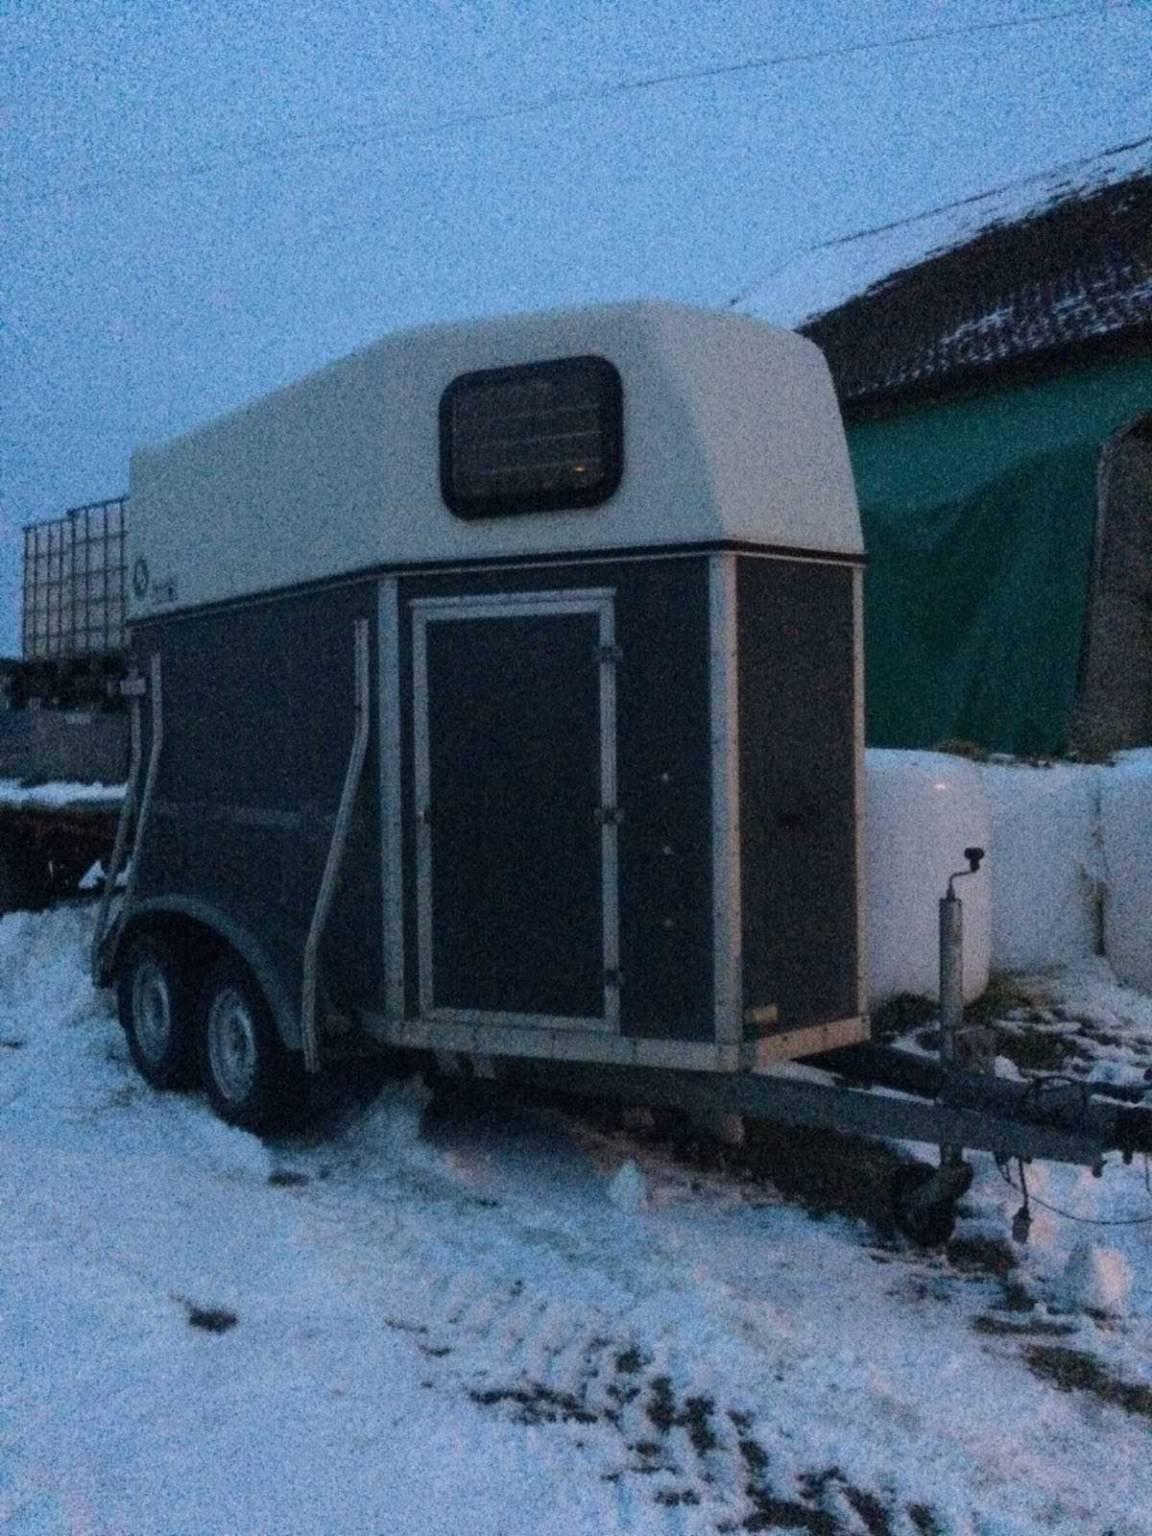 van 2 places louer transports pour chevaux. Black Bedroom Furniture Sets. Home Design Ideas